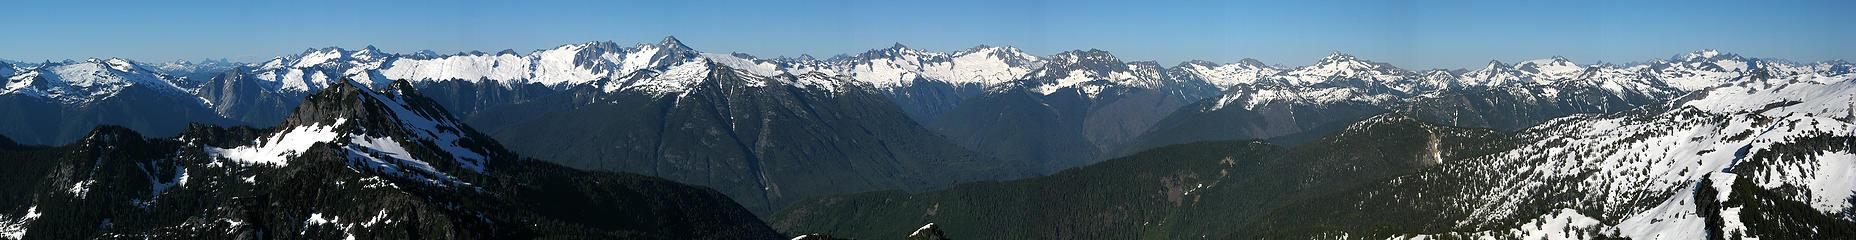 Summit Panorama - Teebone Ridge to Dome Peak